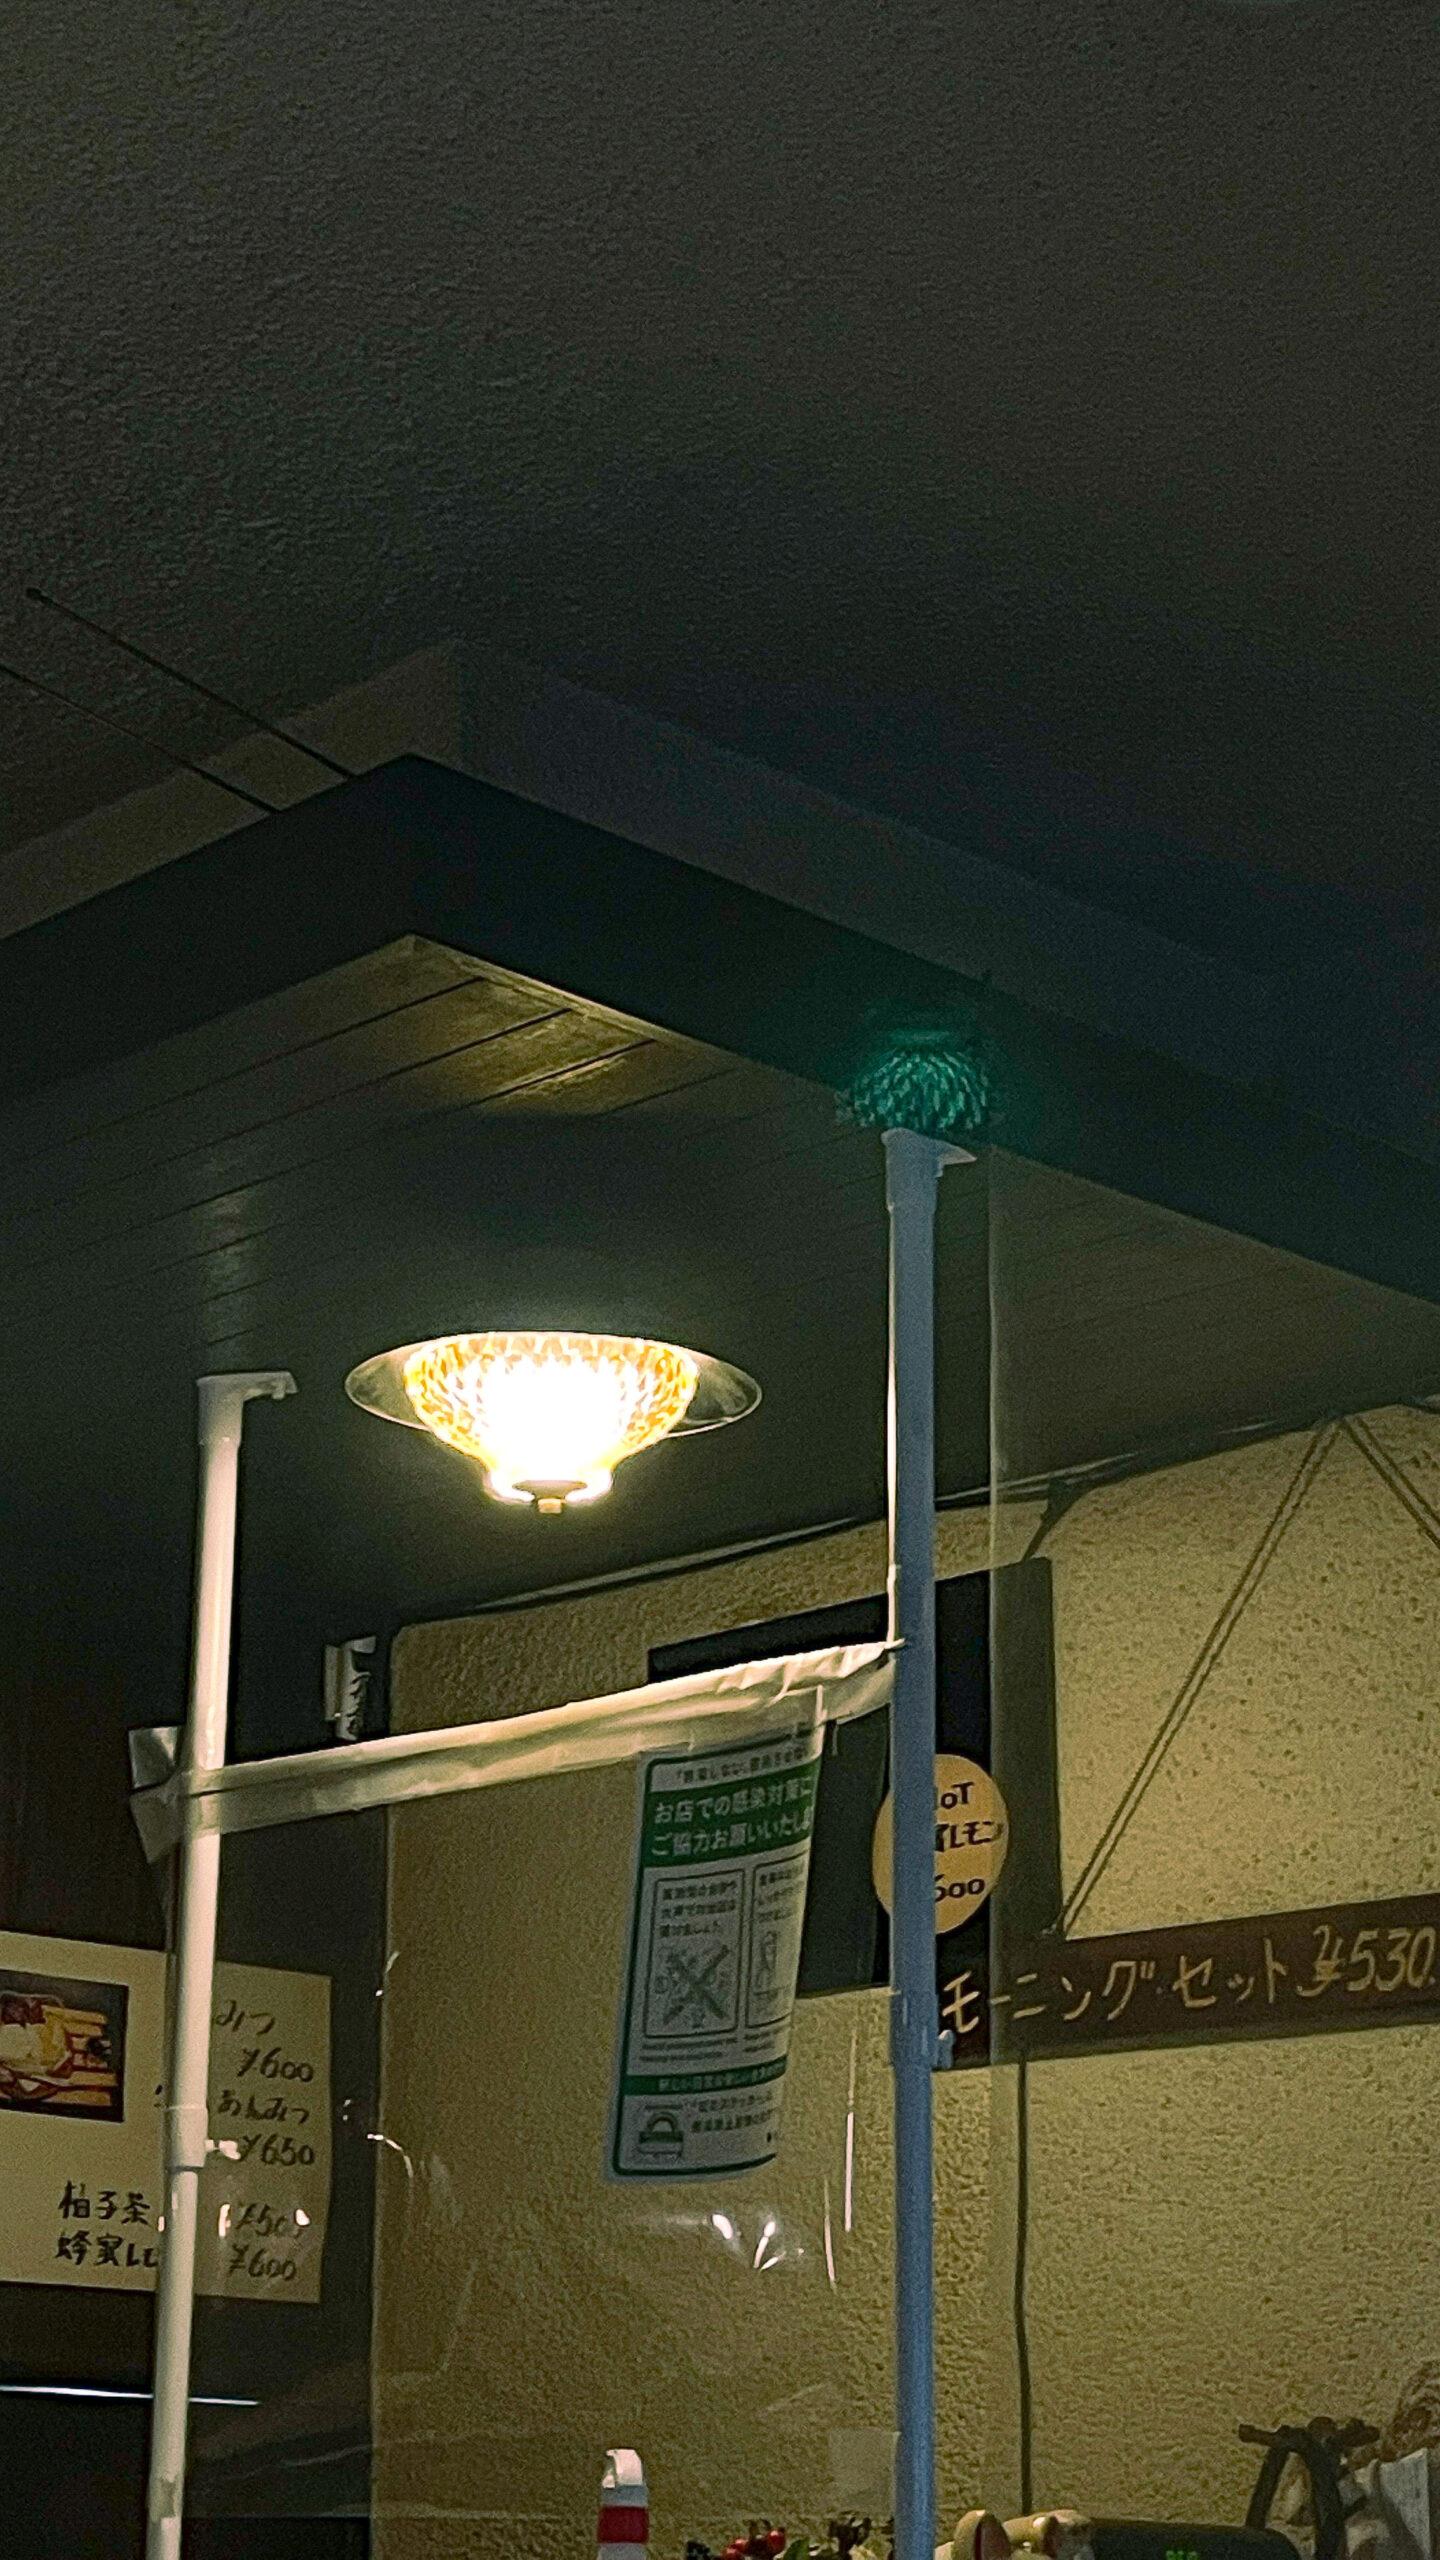 高円寺 新高円寺 ブーケ 喫茶店 レトロ建築 ノスタルジック 中央線 丸ノ内線 喫茶店 老舗喫茶 純喫茶 東京喫茶店 喫茶店インテリア 高円寺カフェ 落ち着く 静か スイートポテト コーヒー ティーカップ カフェ